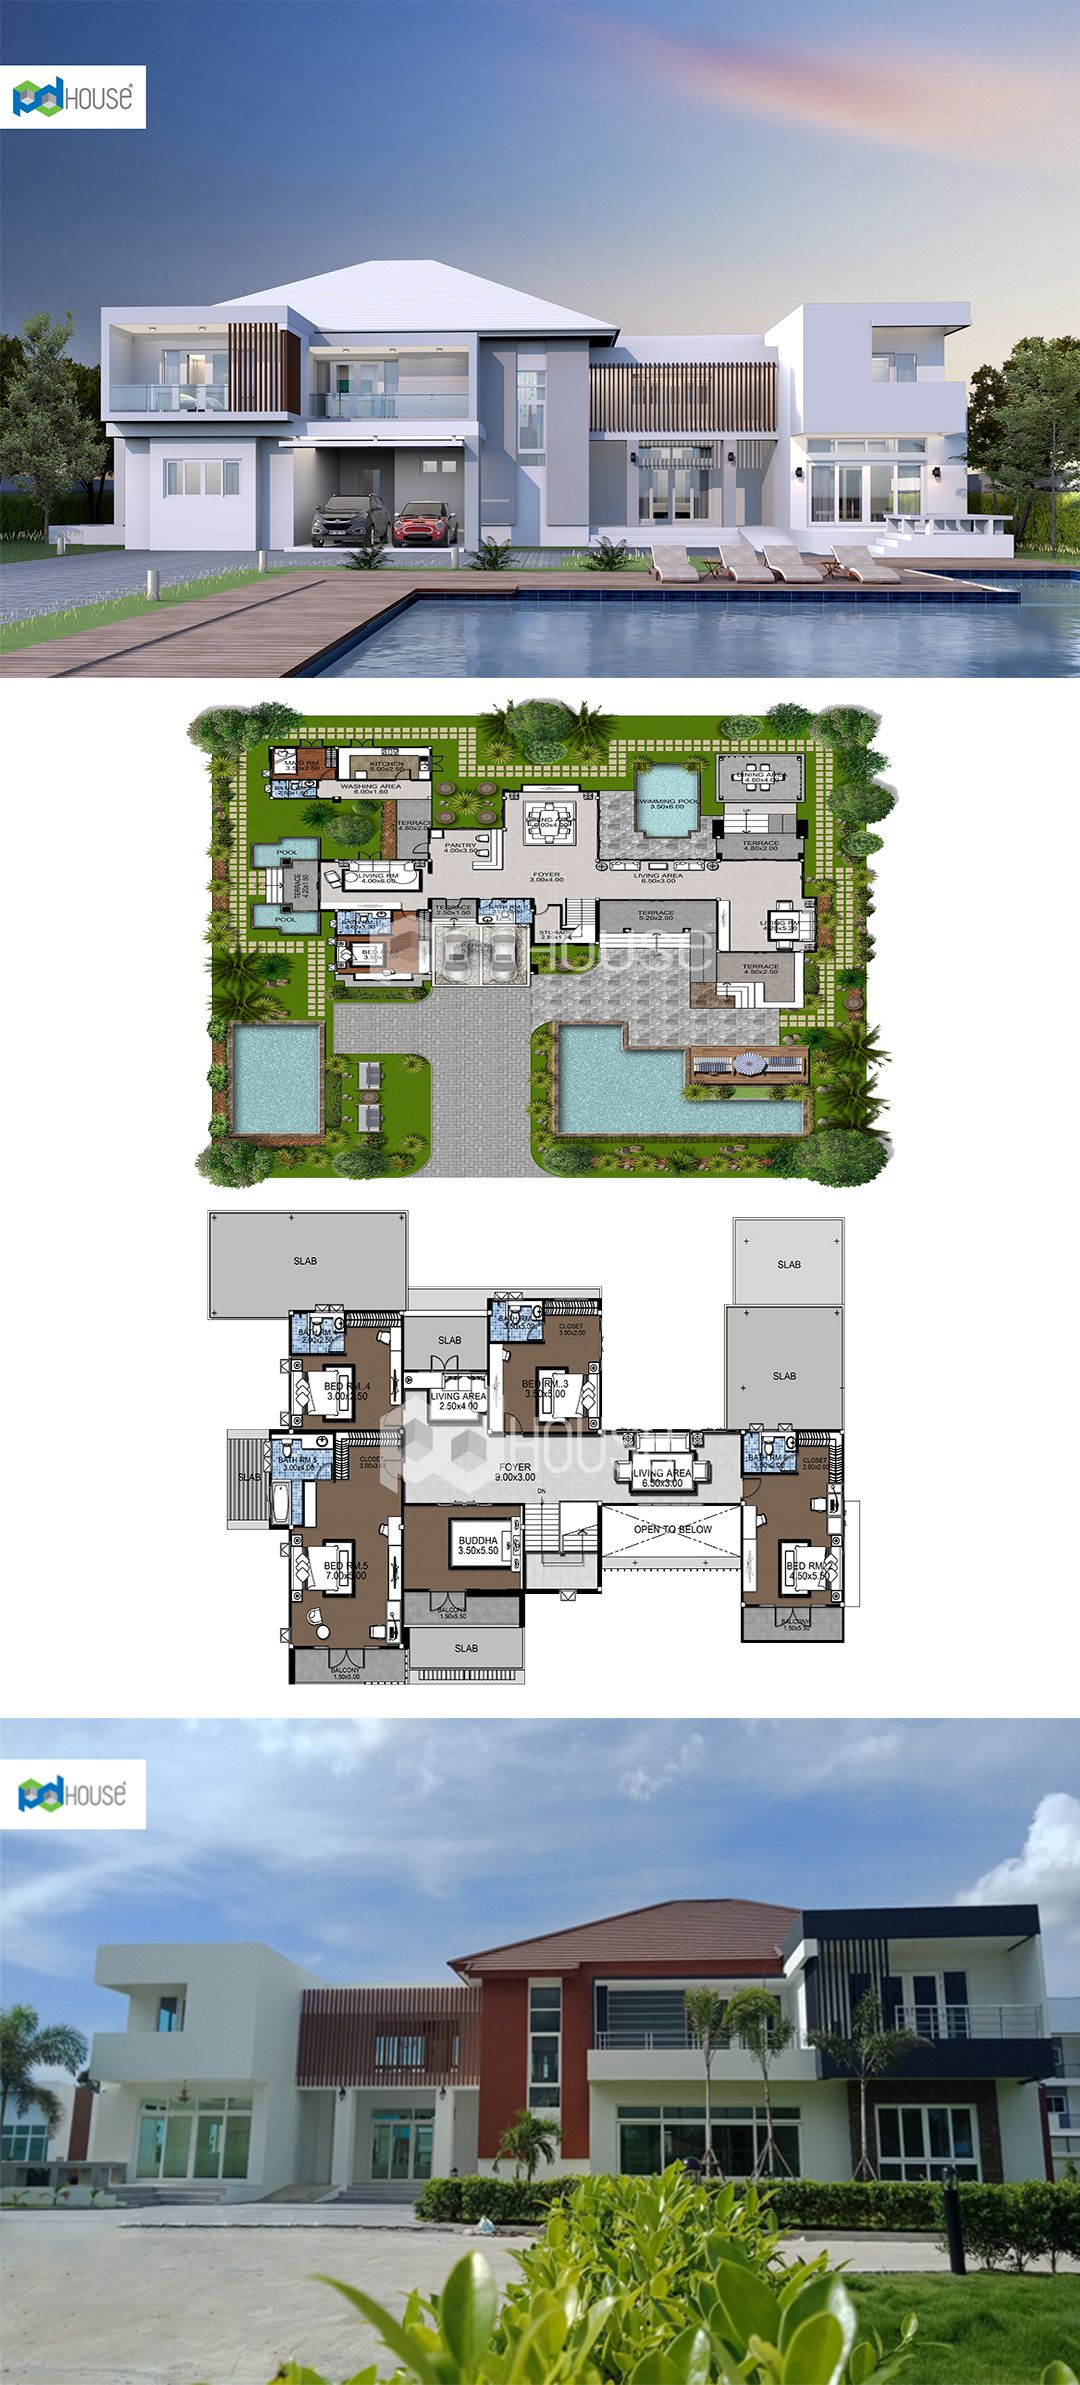 House plan ME 148